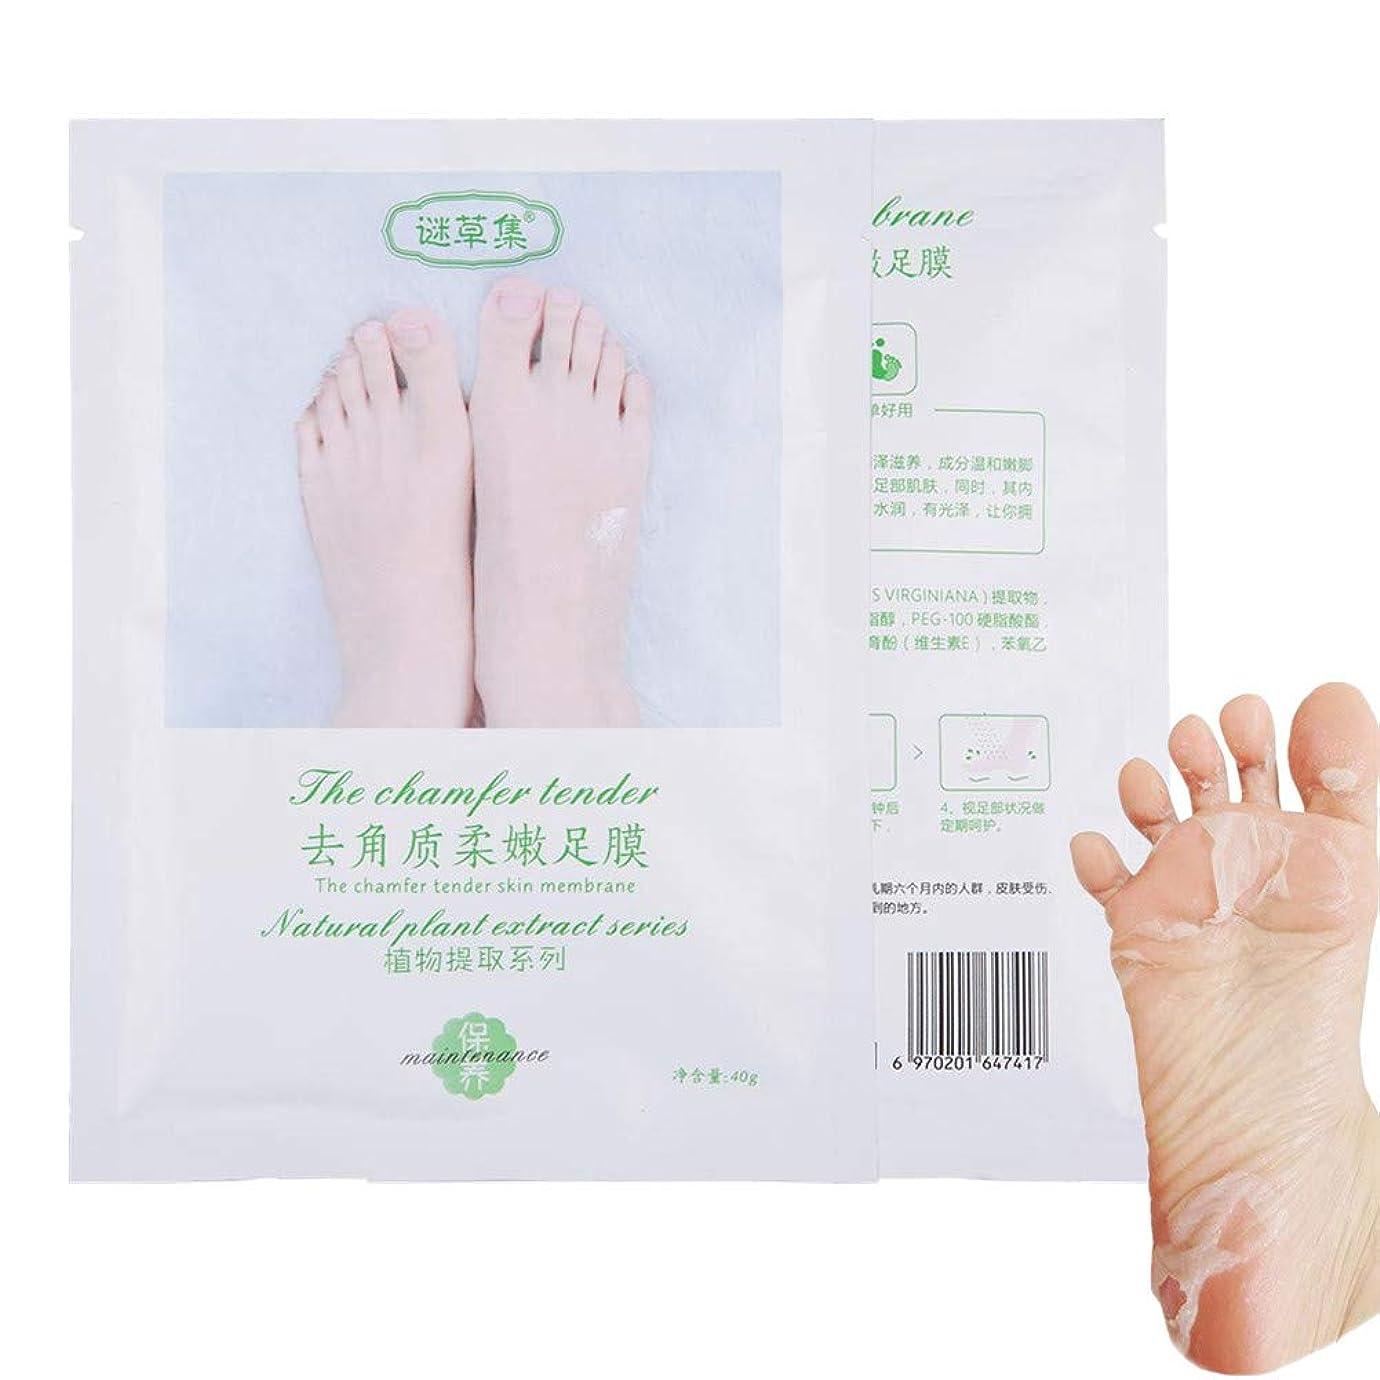 ディレイサバントお願いします足の皮をむくマスク、角質を柔らかくし、皮を死なせる2組のCutinの取り外しのマスク滑らかなかかとの剥離のソックスフィートの膜